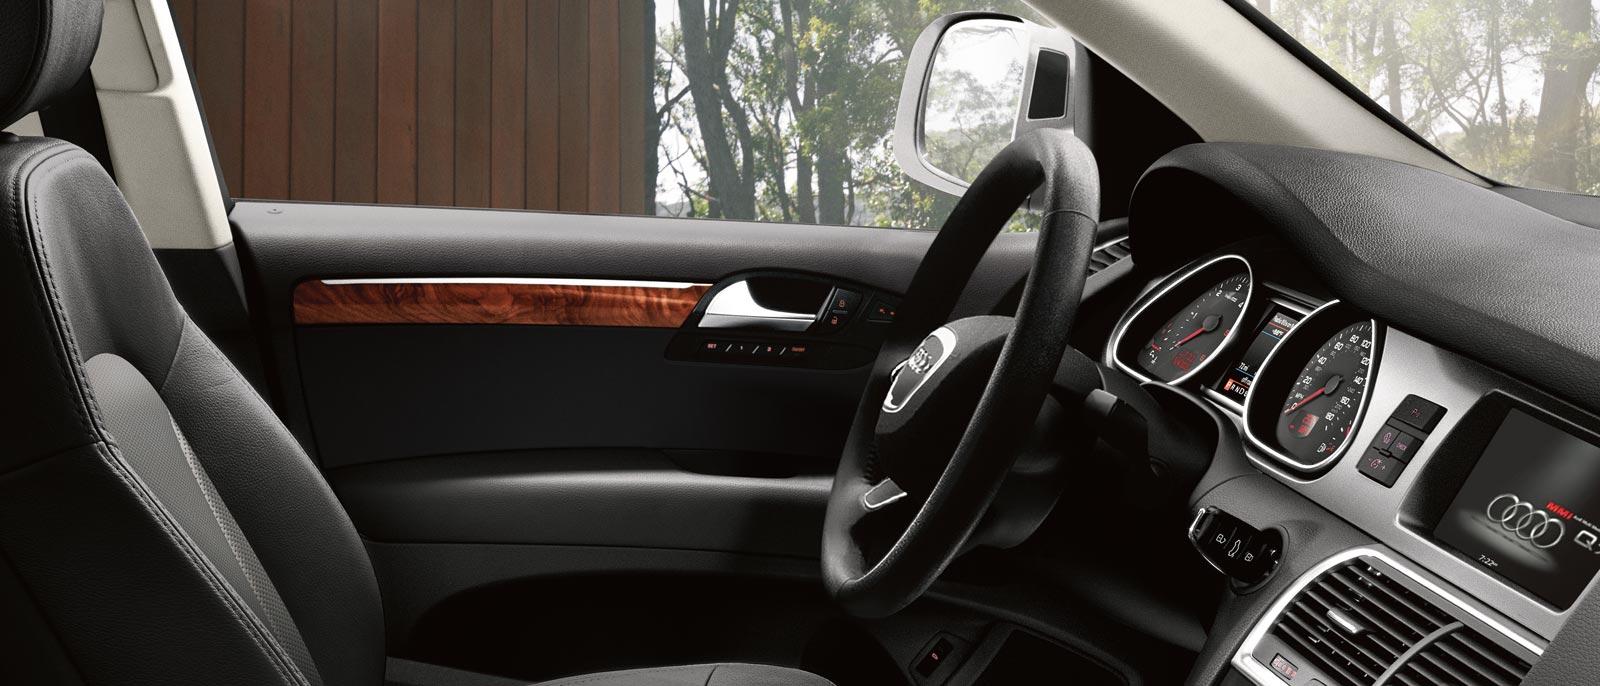 2015 Audi Q7 interior